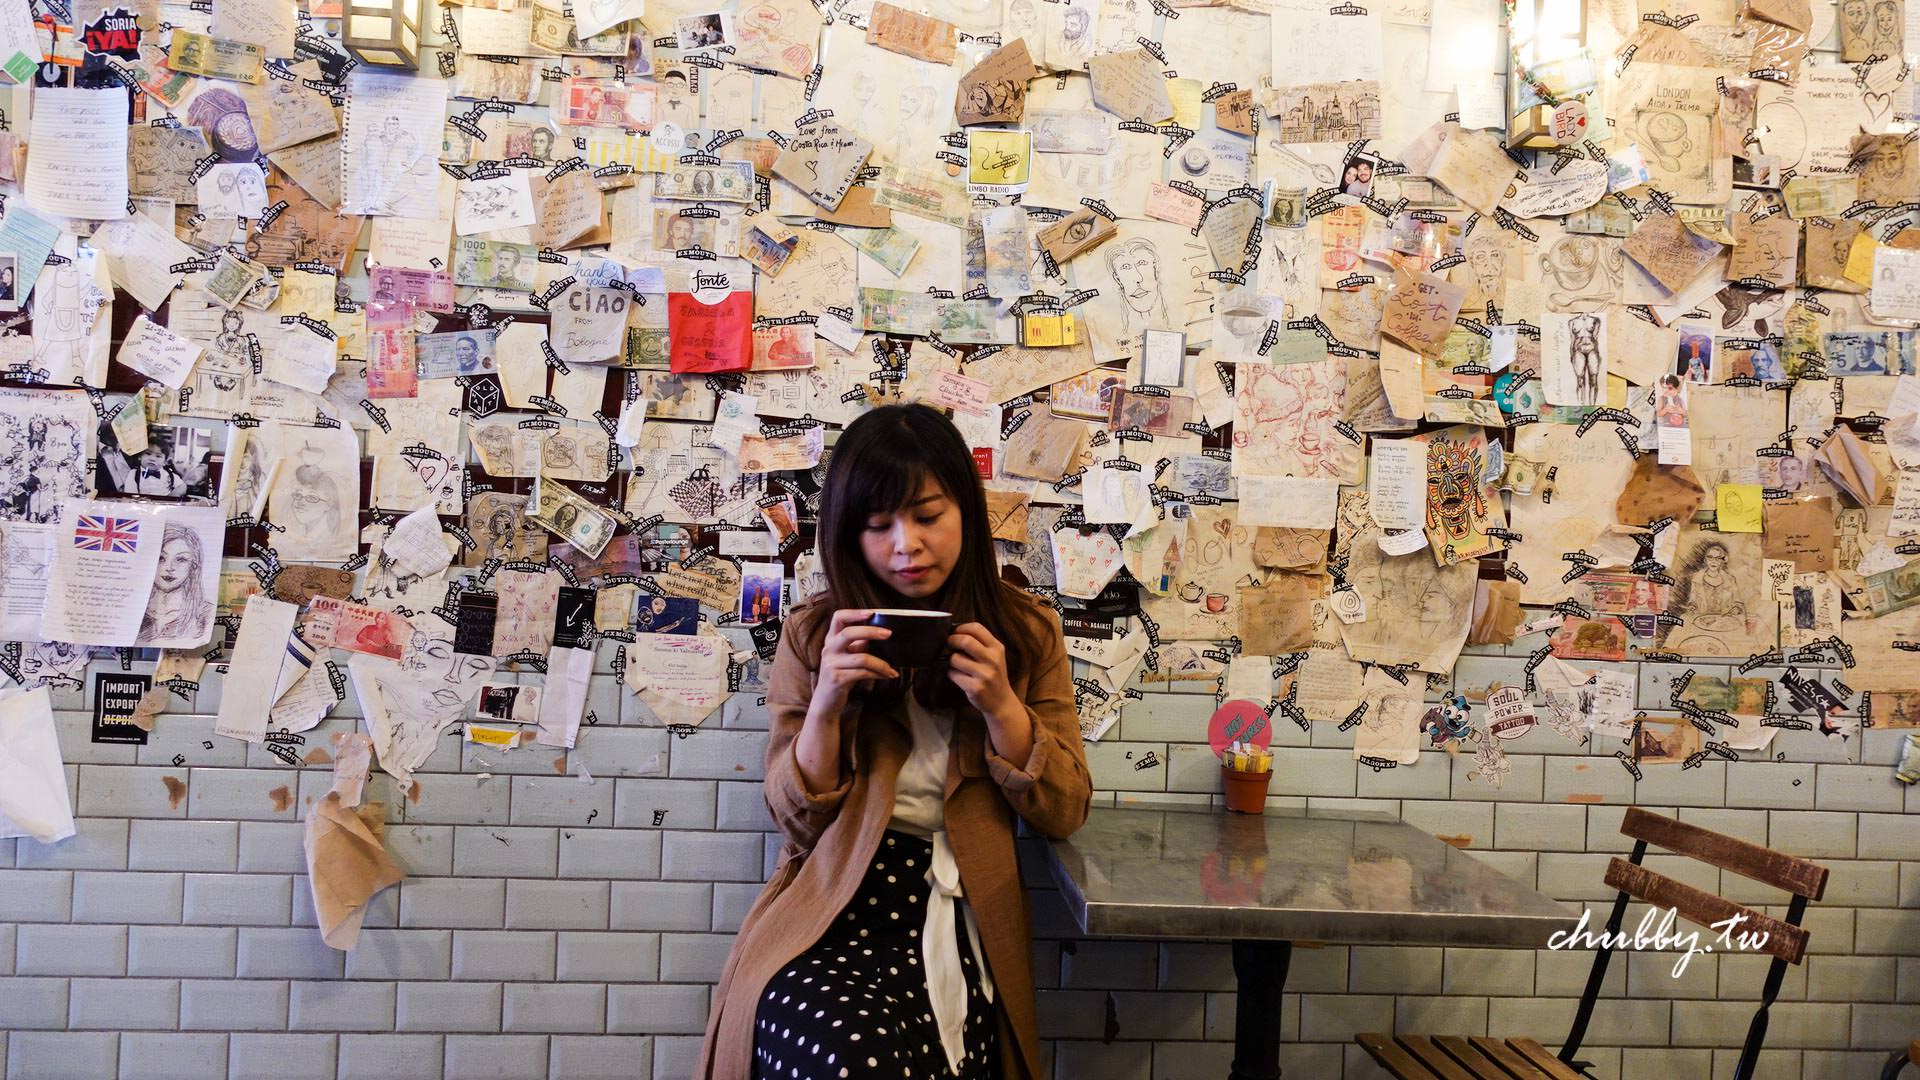 英國遊學生的倫敦咖啡廳口袋名單:EXmouth coffee company,倫敦最完美可頌在這裡!超多糕點挑選~